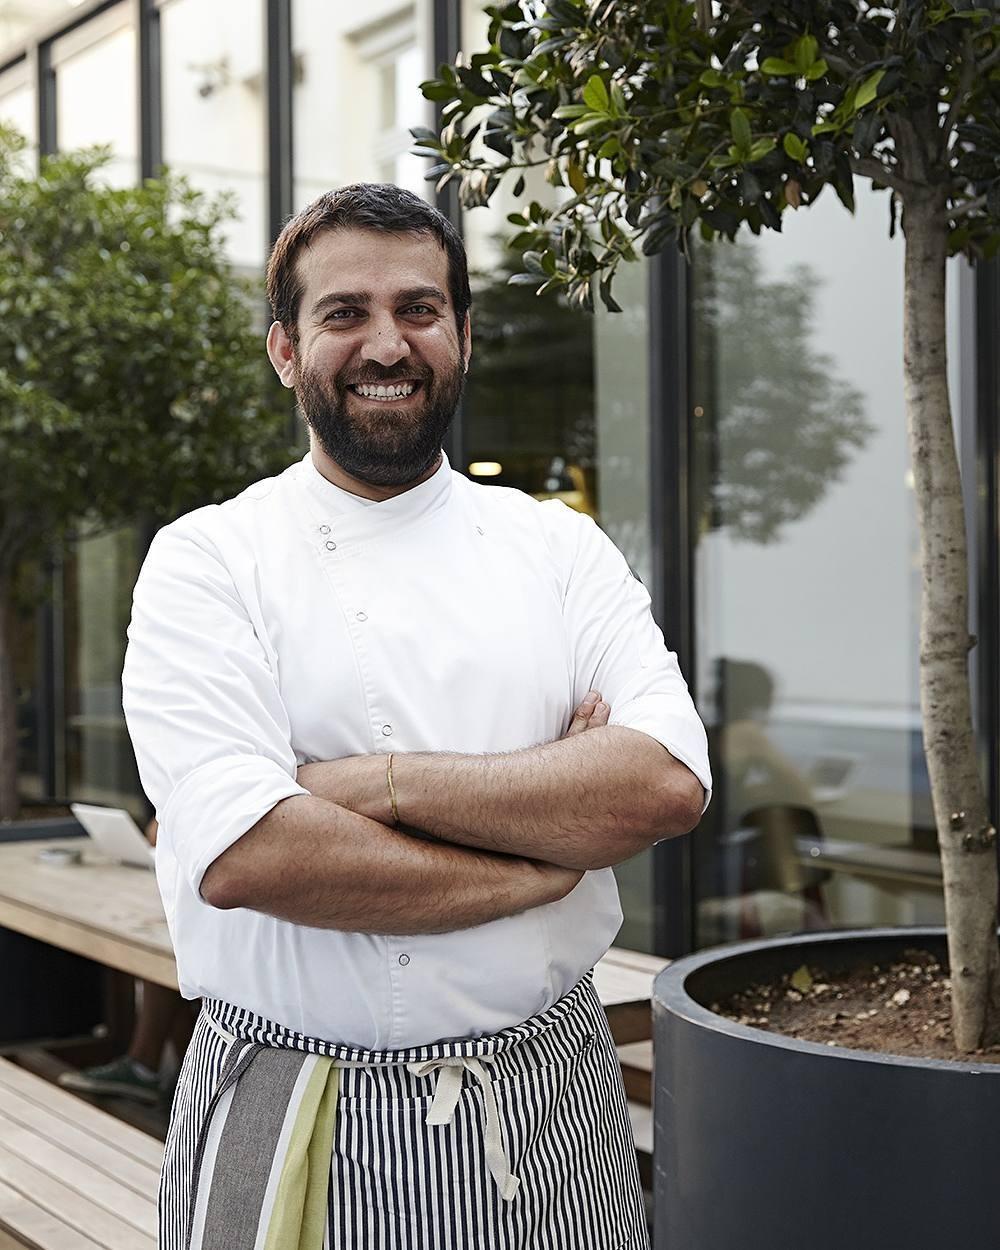 O chef turco Maksut Askar, do Neolokal, de Istambul (Foto: Reprodução/Instagram)